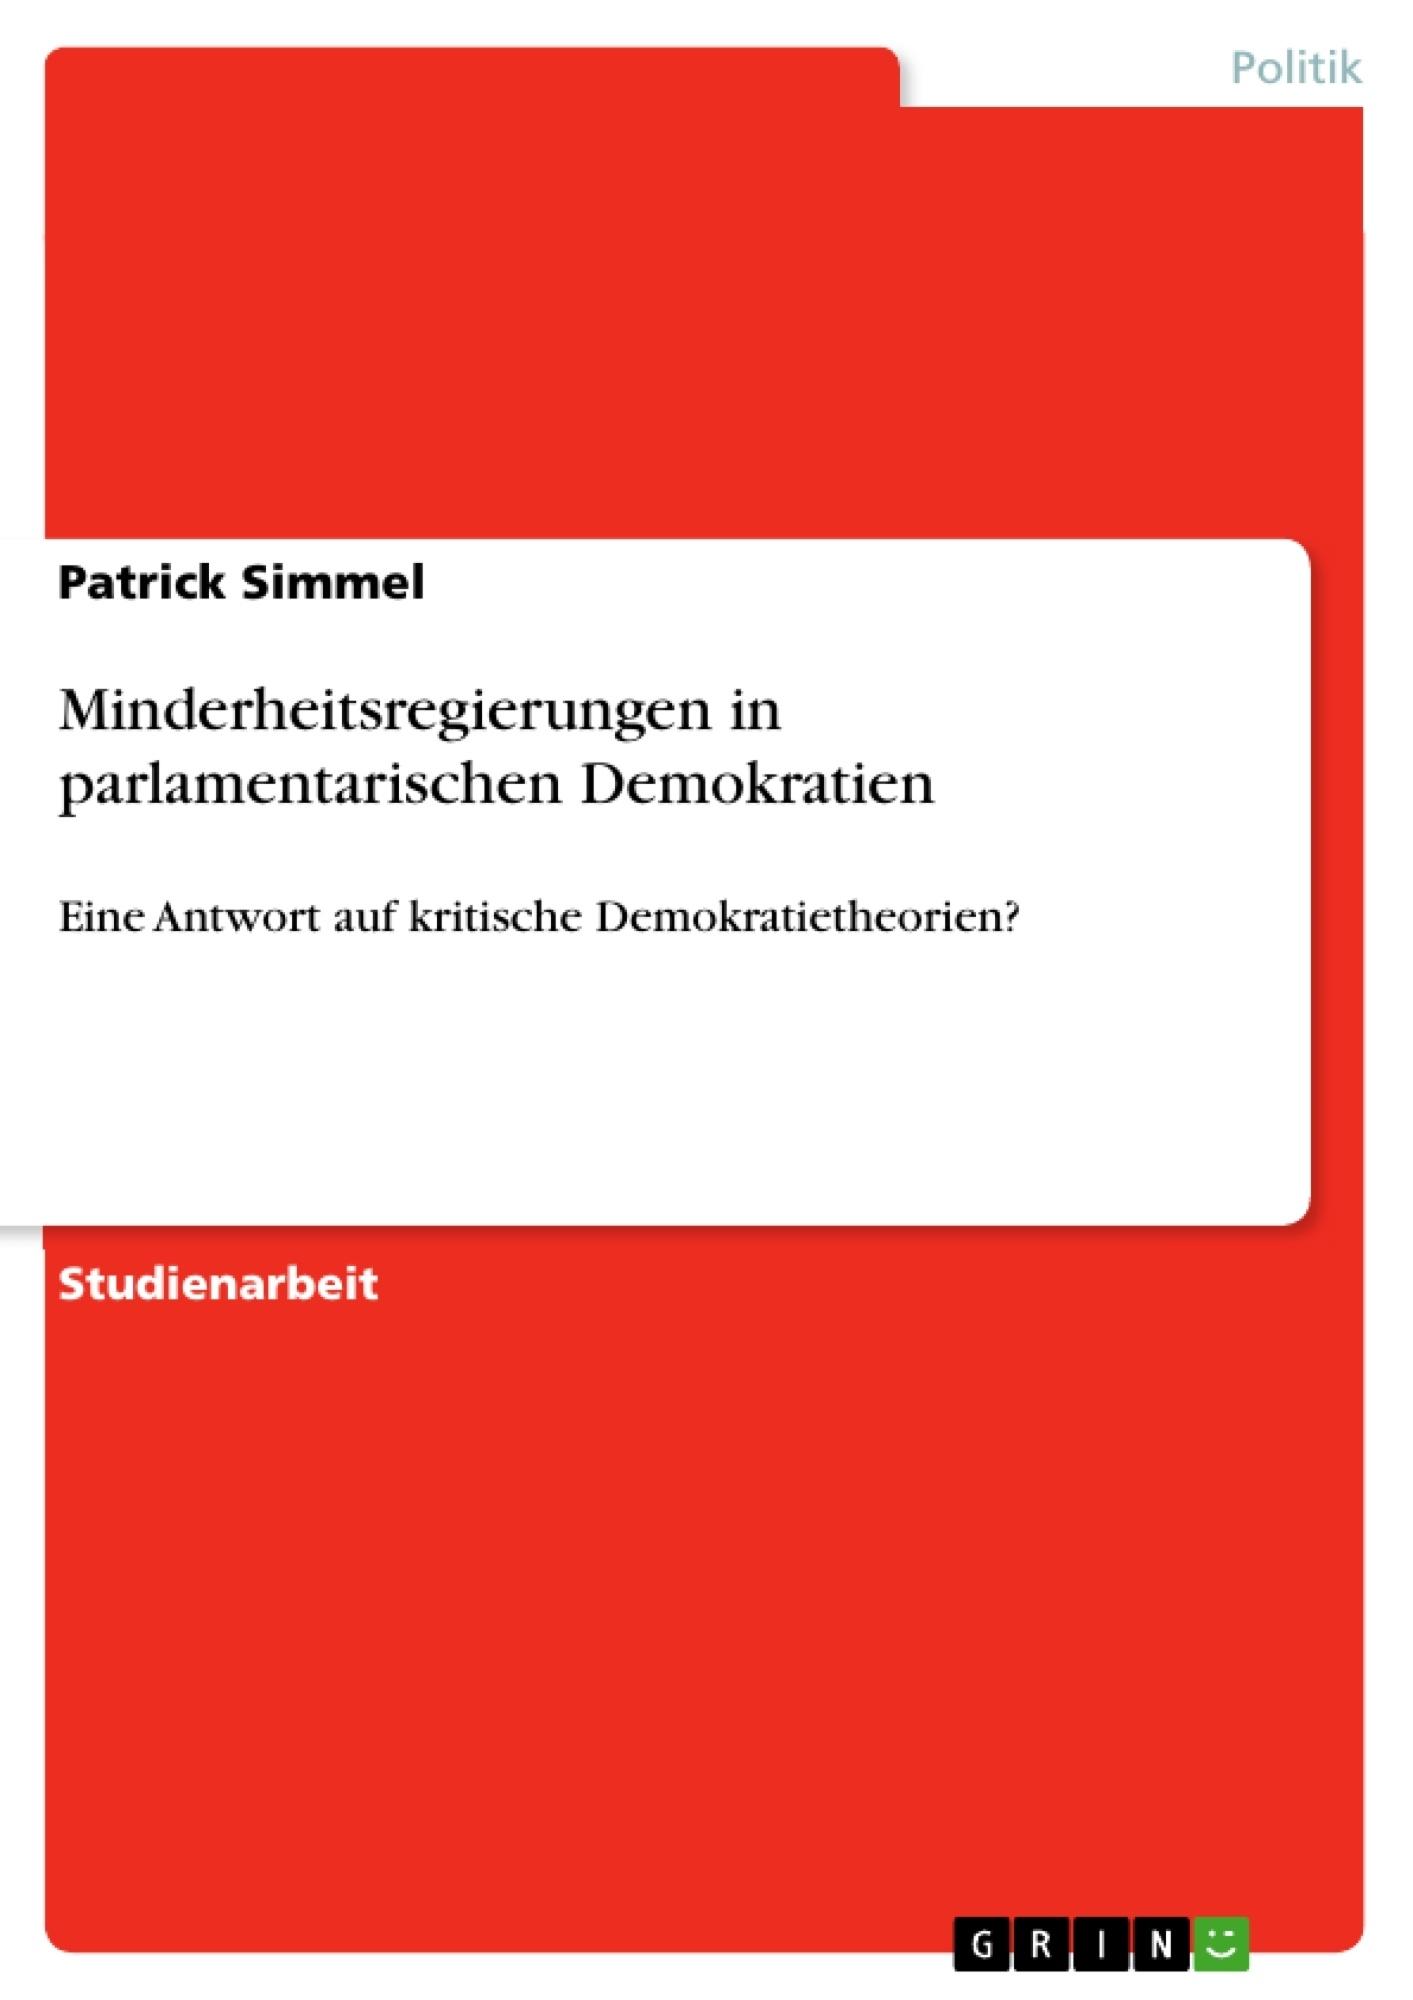 Titel: Minderheitsregierungen in parlamentarischen Demokratien